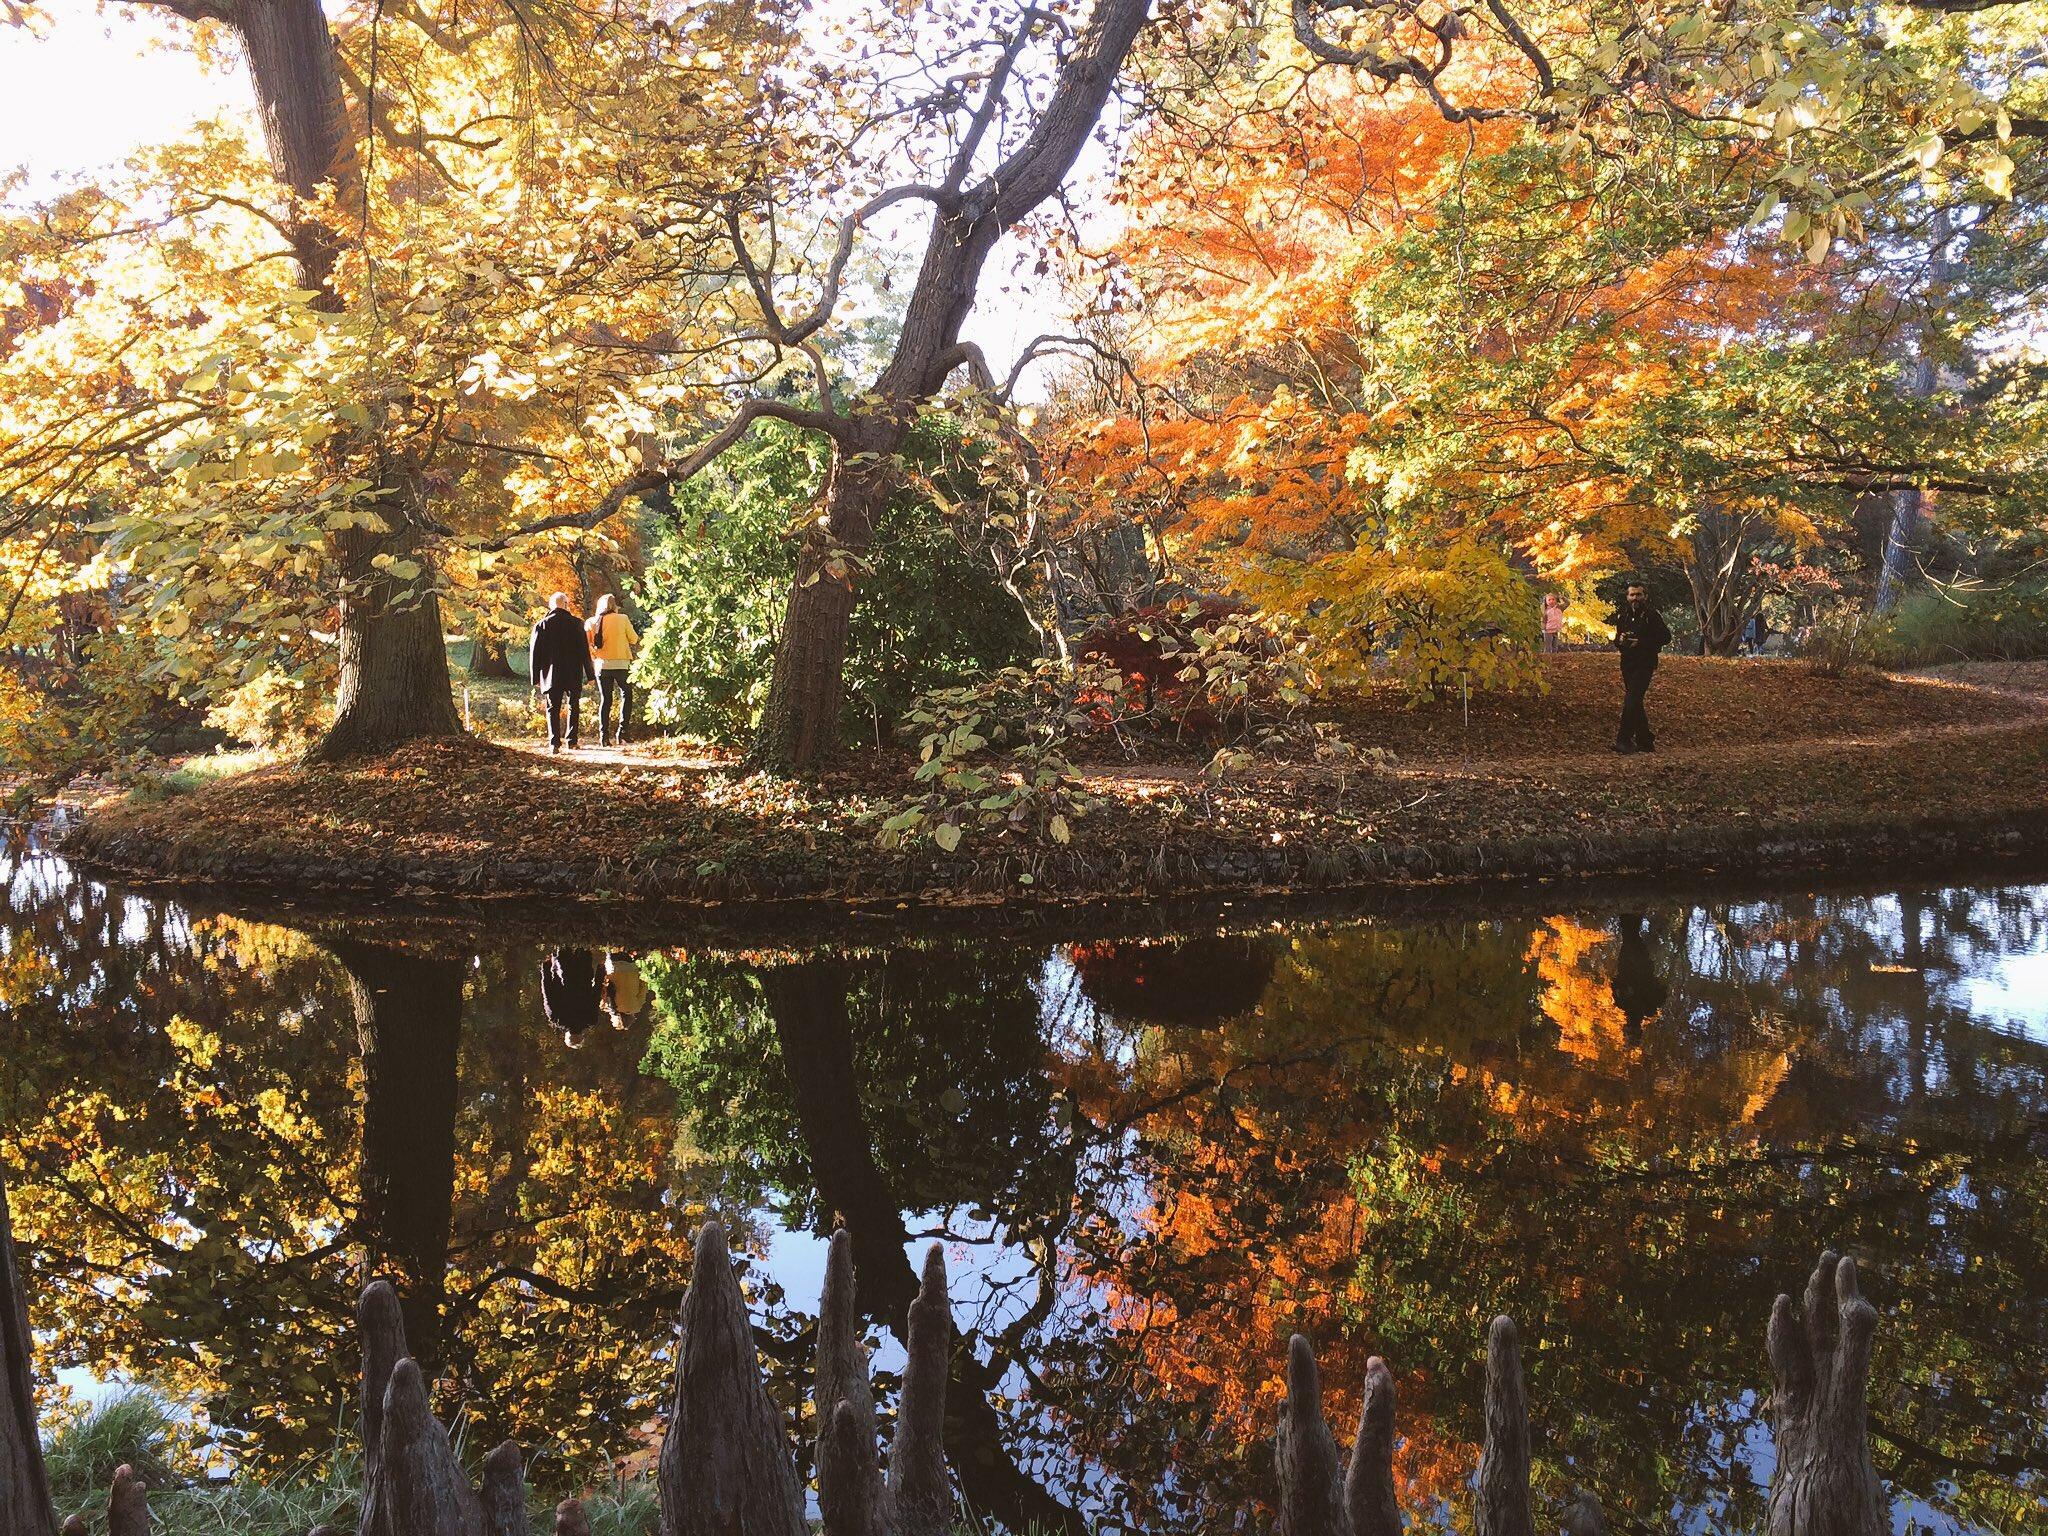 Arboretum de Châtenay-Malabry / © Camille Vielhescaze